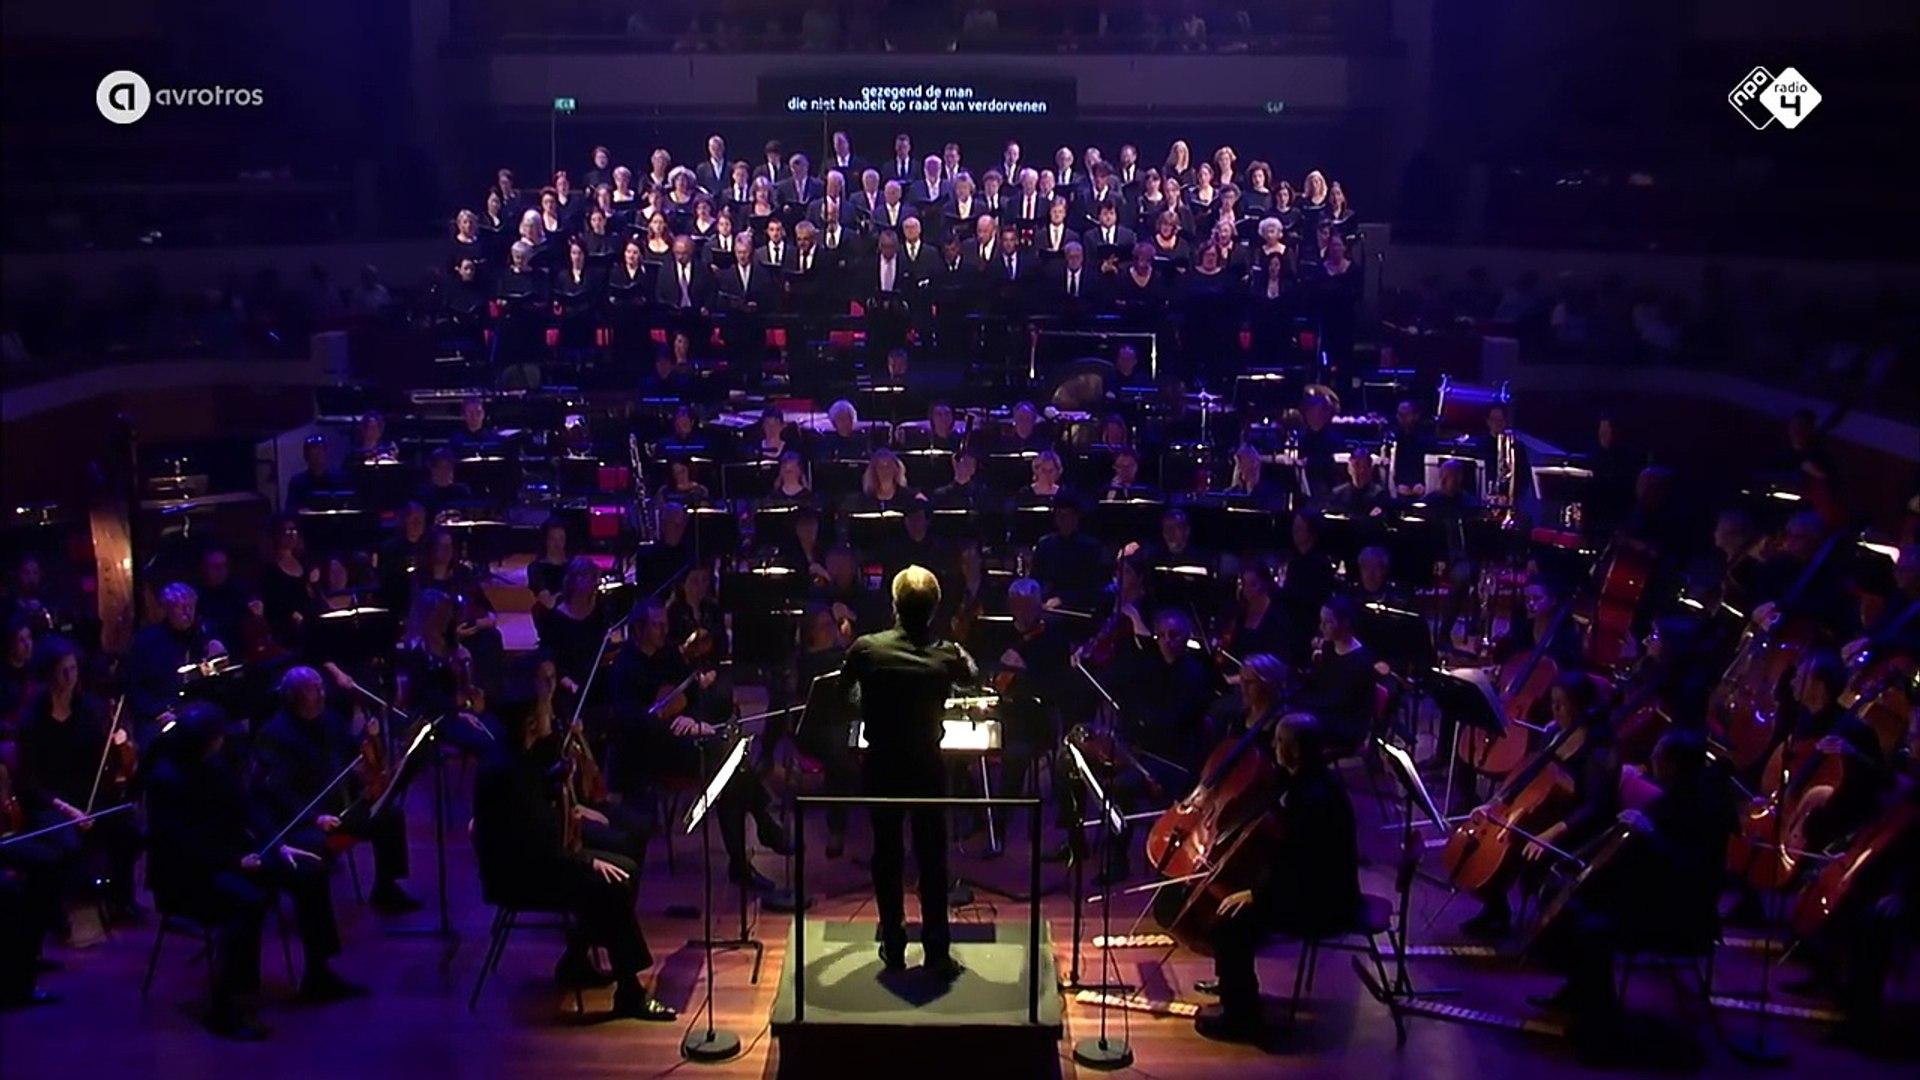 Rachmaninoff: Vespers, Op. 37 Groot Omroepkoor o.l.v. Robertson Live concert HD